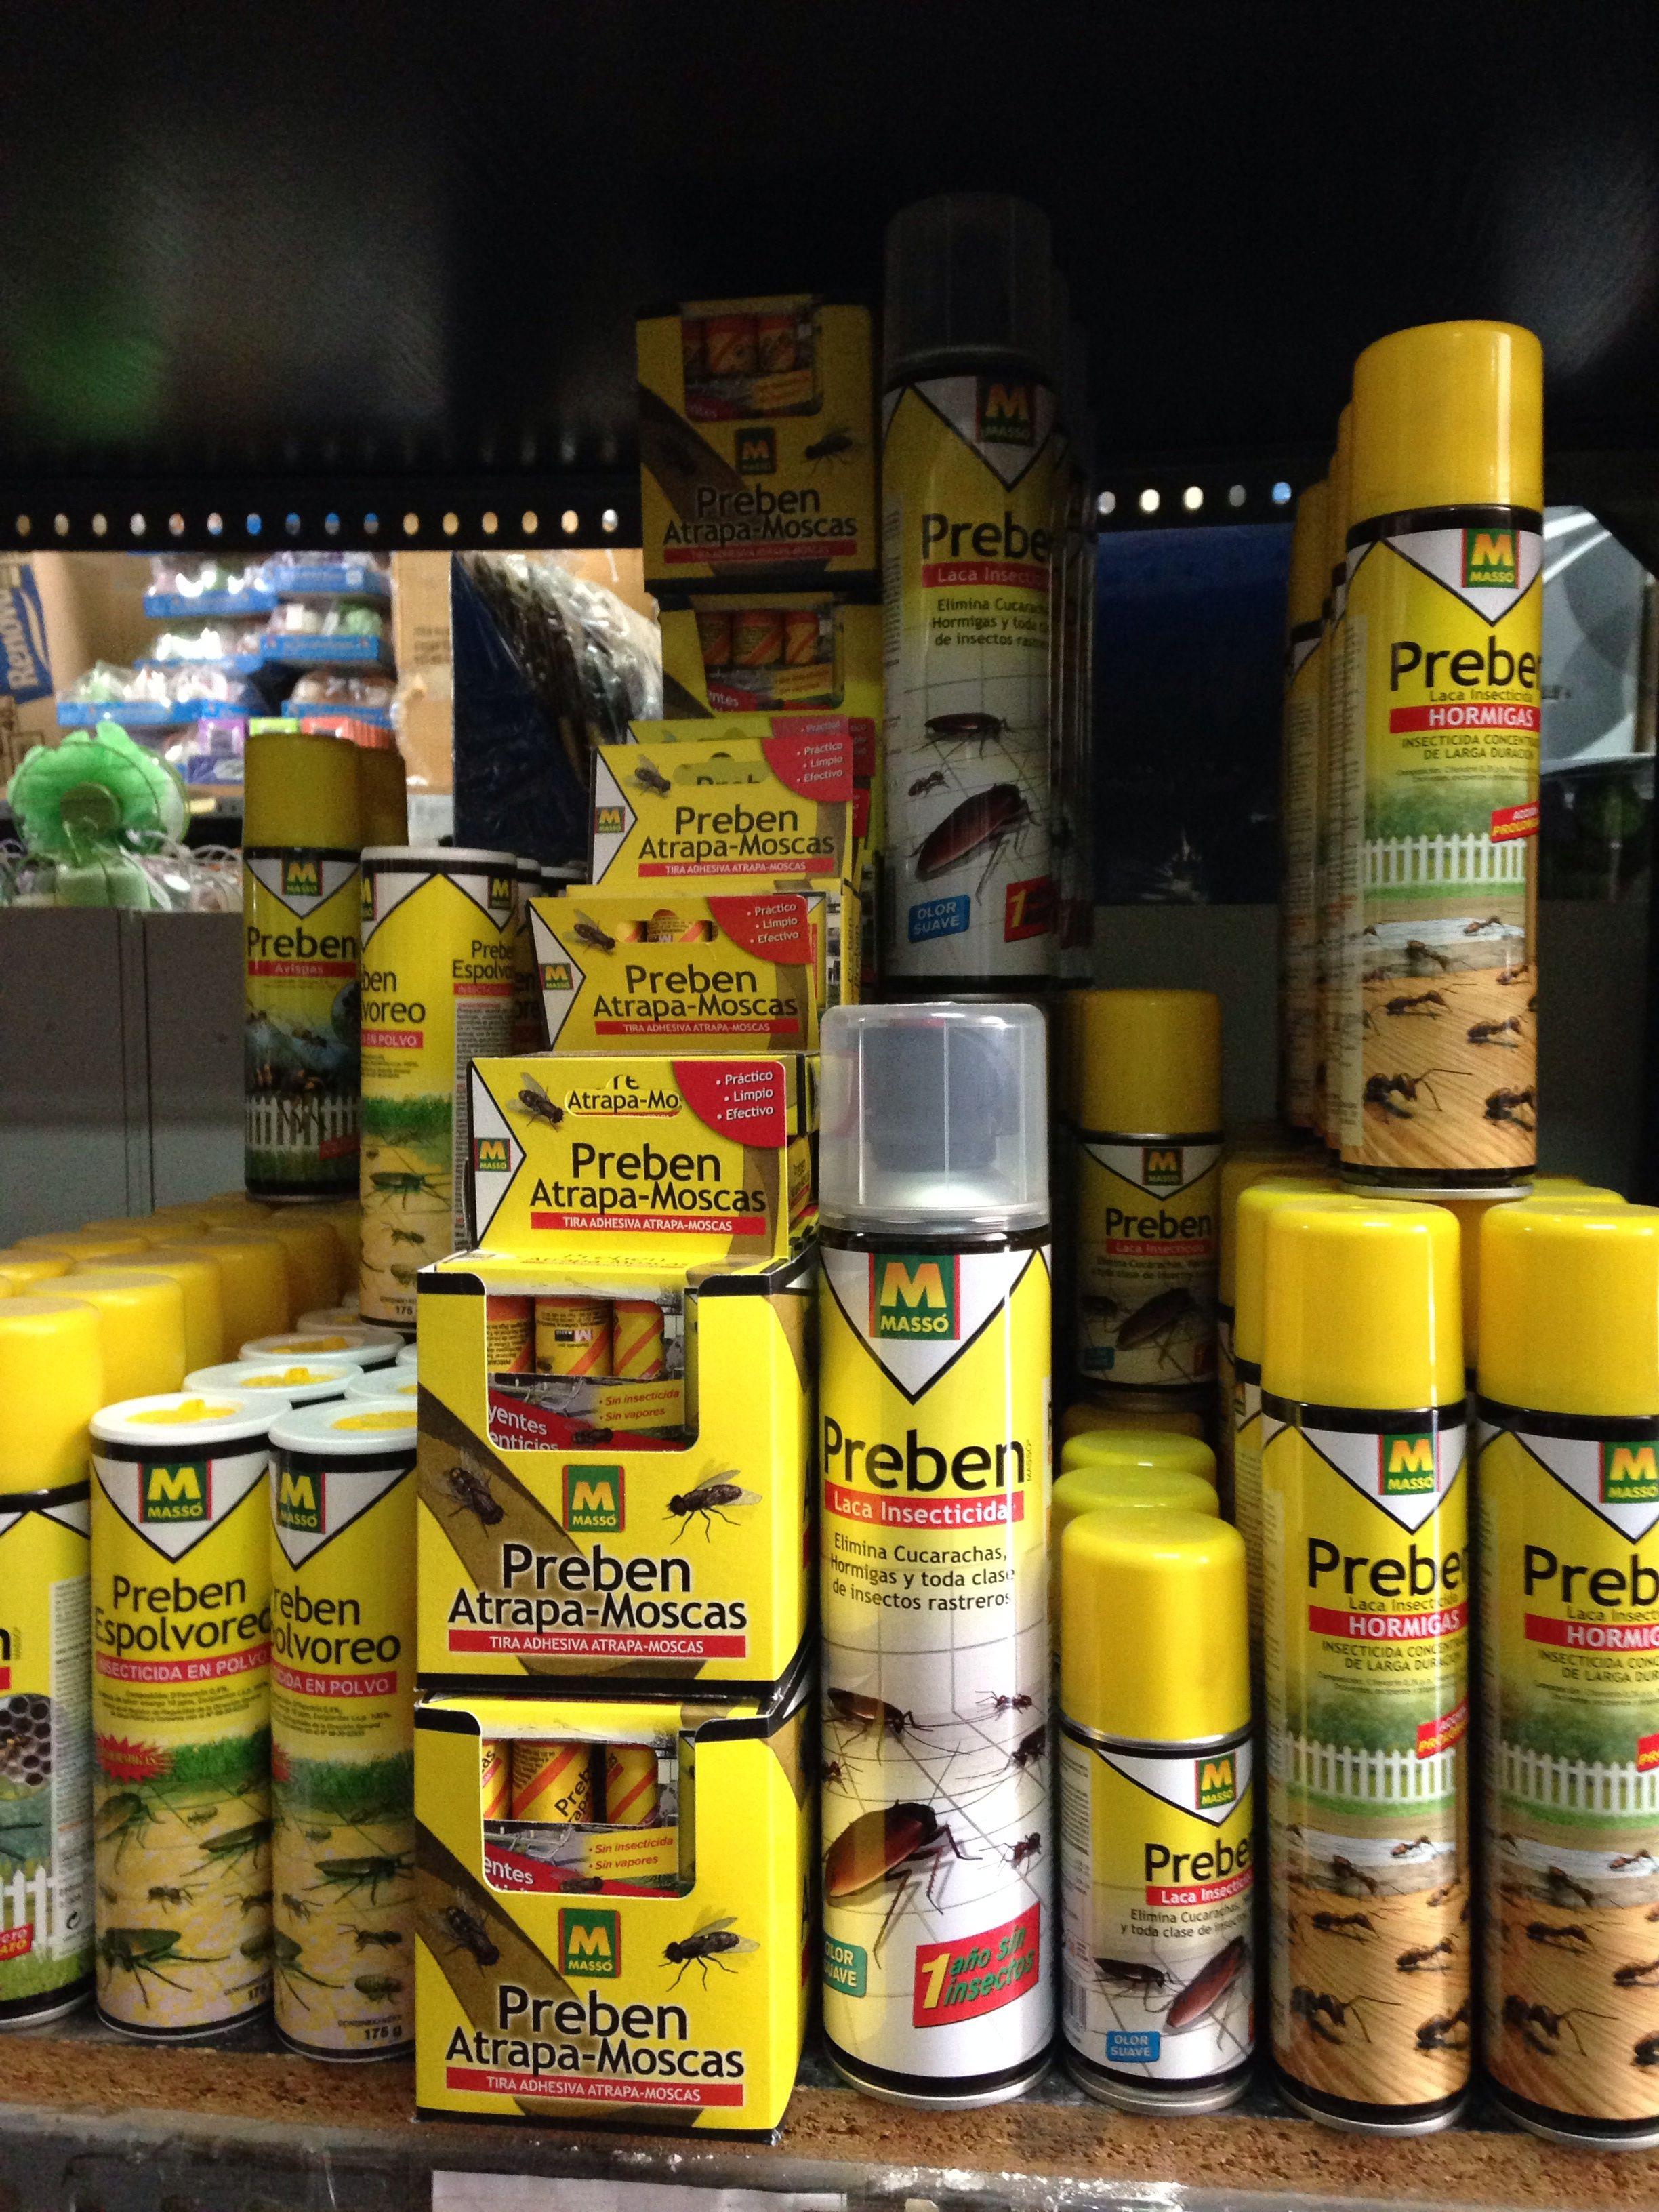 Masso raticidas,cucas, hormigas....: Productos y servicios de Comercial Cash Logon